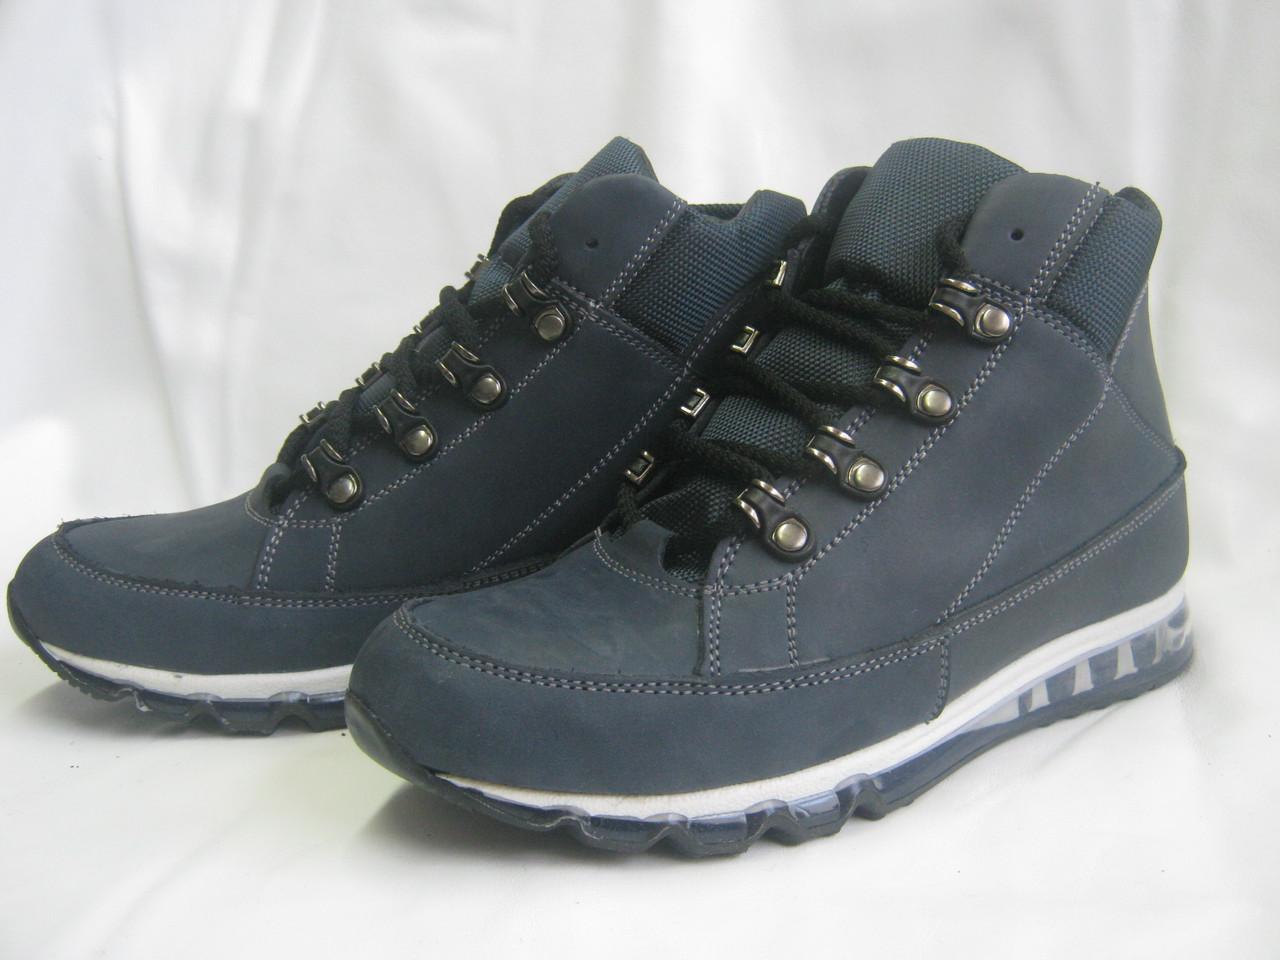 fa92f0d95 Подростковые зимние ботинки из натуральной кожи: продажа, цена в ...